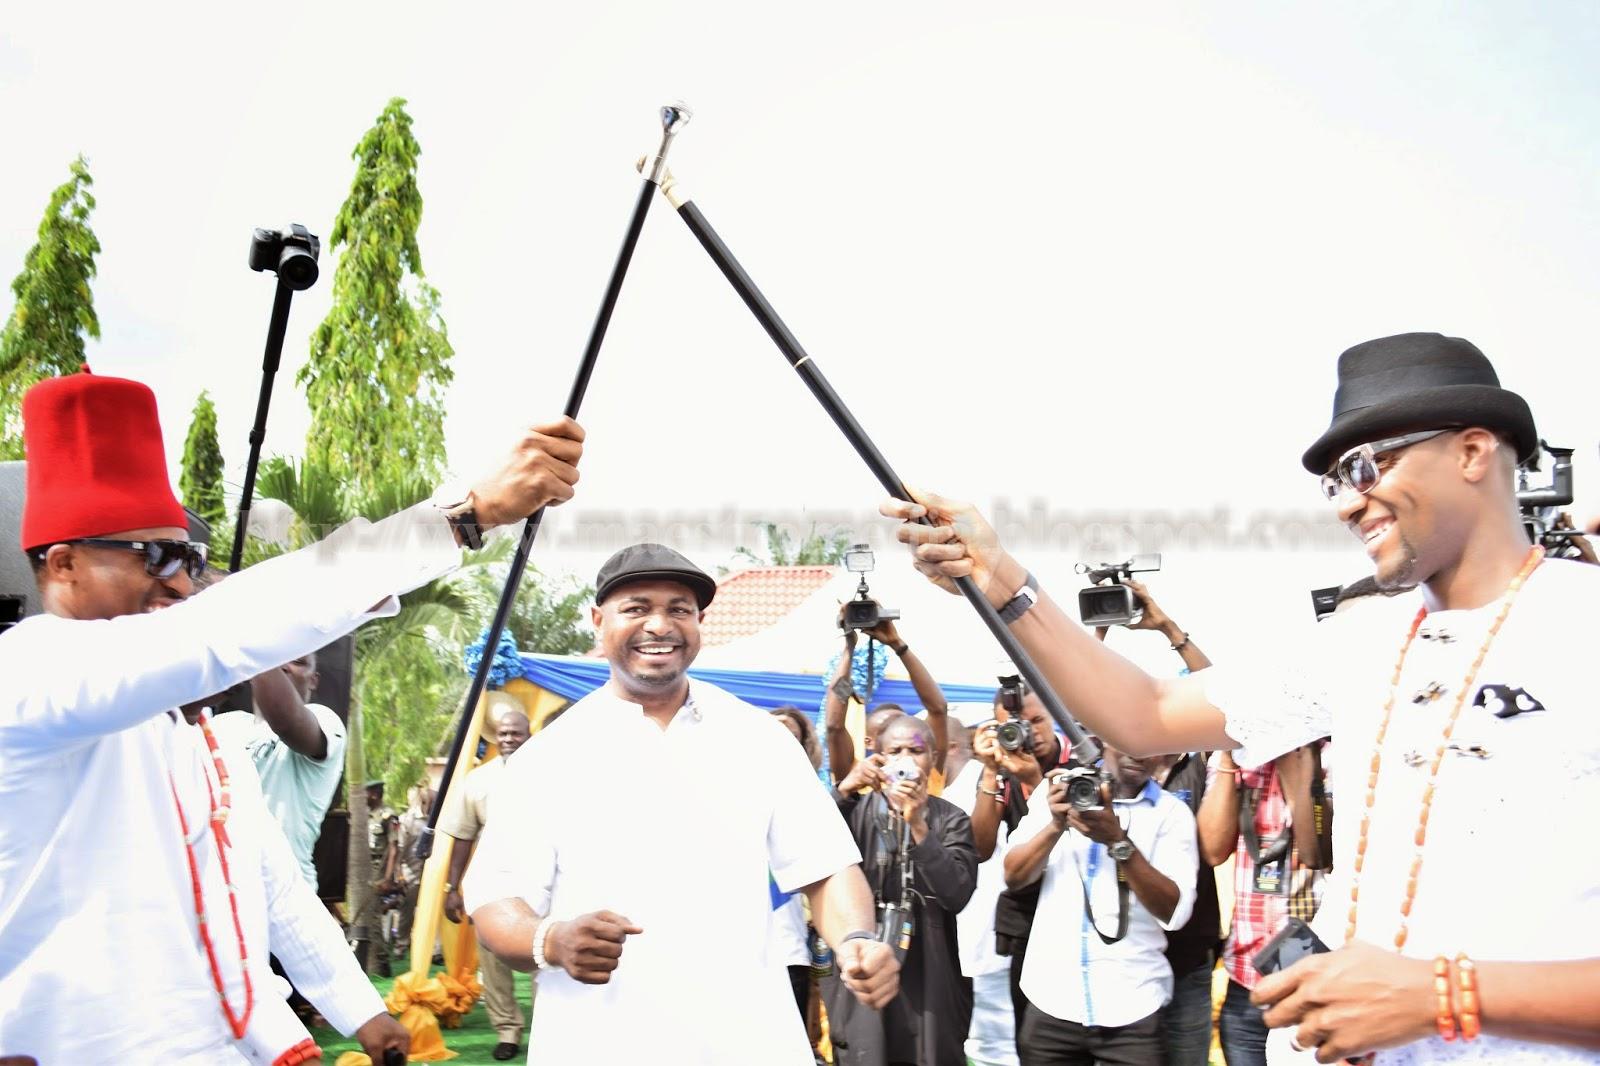 Maestros media carnival in igbere at ezinne kelechis igba nkwu kels greeting chima m4hsunfo